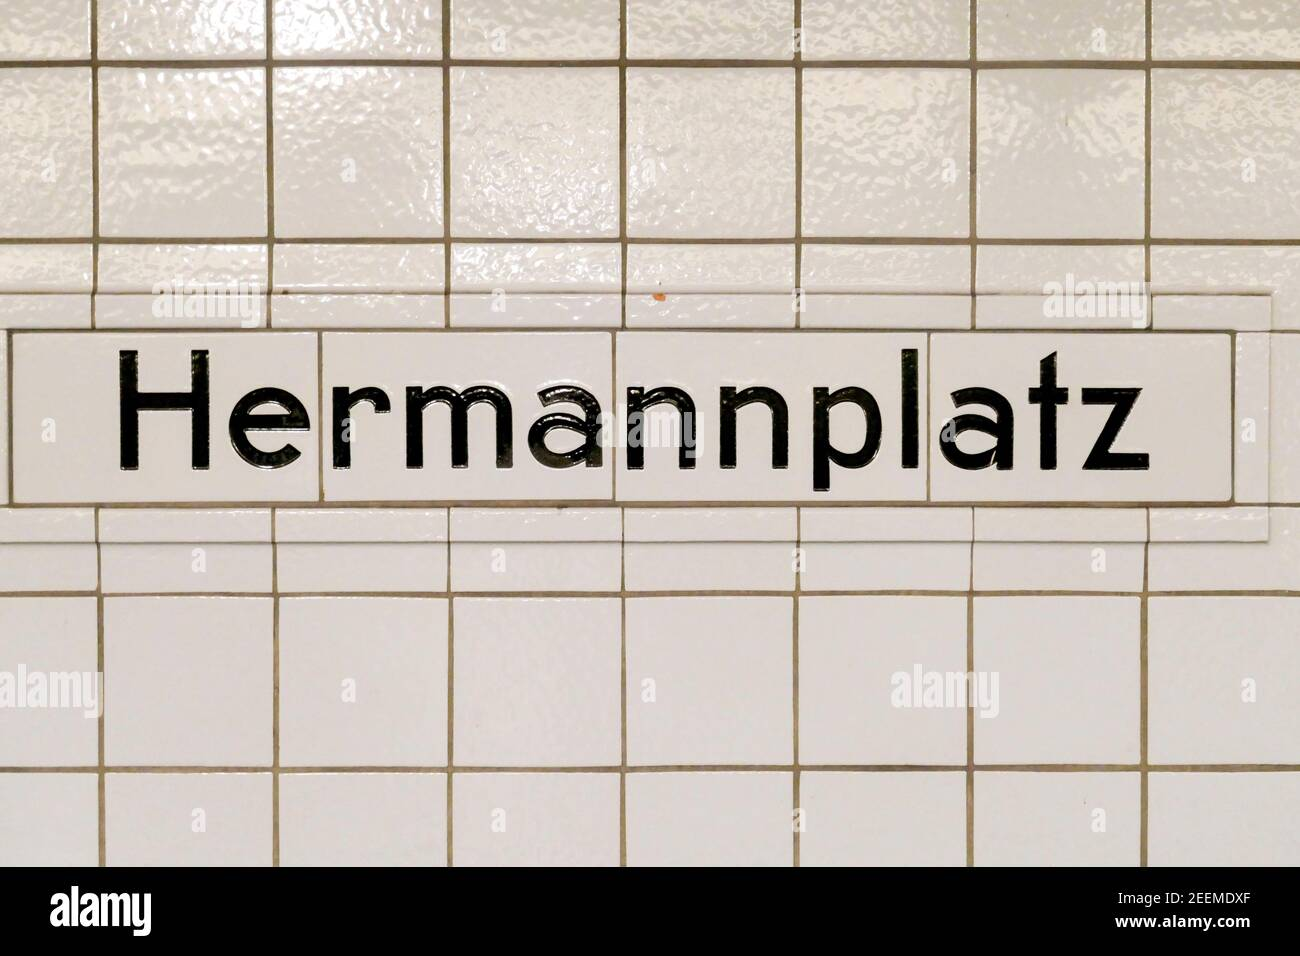 U-Bahn Station Hermannplatz, Schriftzug HERMANNPLATZ,  Bahnsteig,  BVG, oeffentlicher Nahverkehr, Berlin Stock Photo